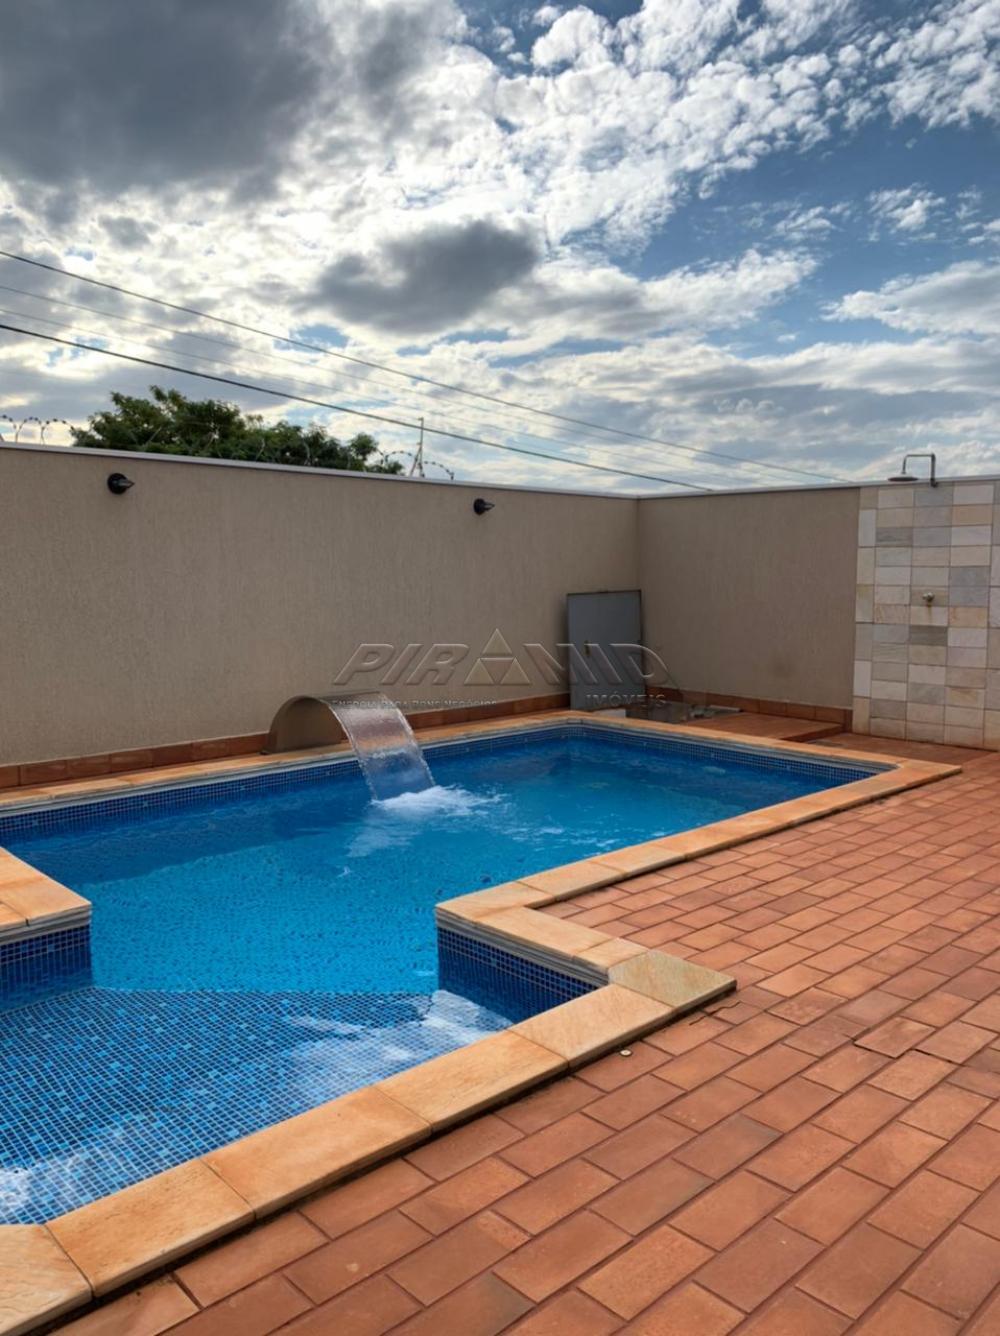 Comprar Casa / Condomínio em Bonfim Paulista R$ 780.000,00 - Foto 11